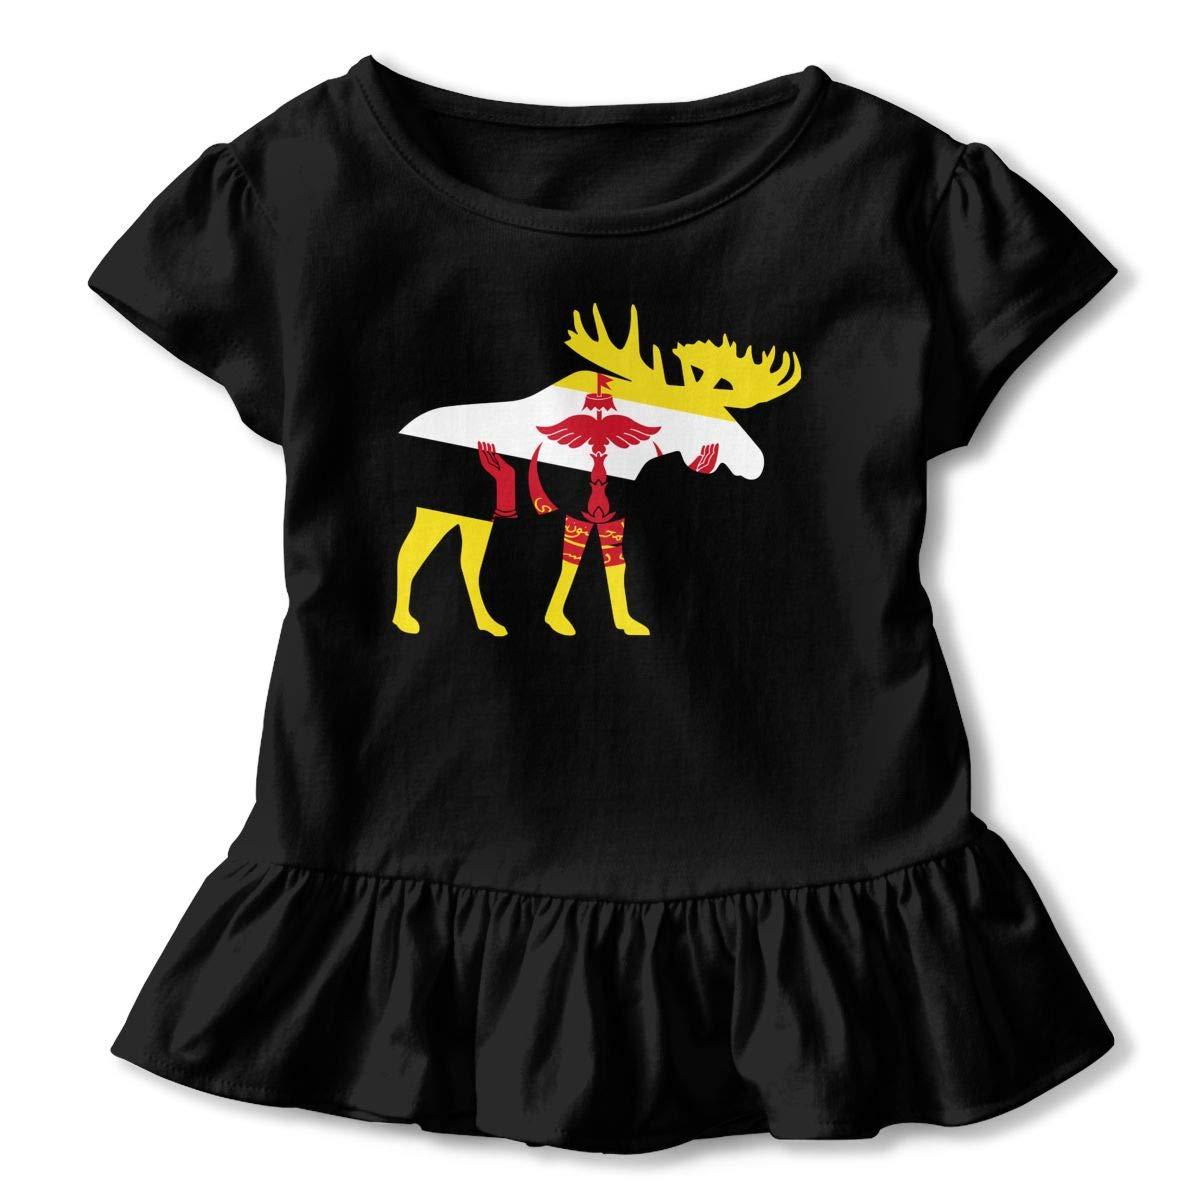 2-6T Ruffled Tunic Shirt Dress with Falbala Zi7J9q-0 Short Sleeve Brunei Moose Shirts for Girls